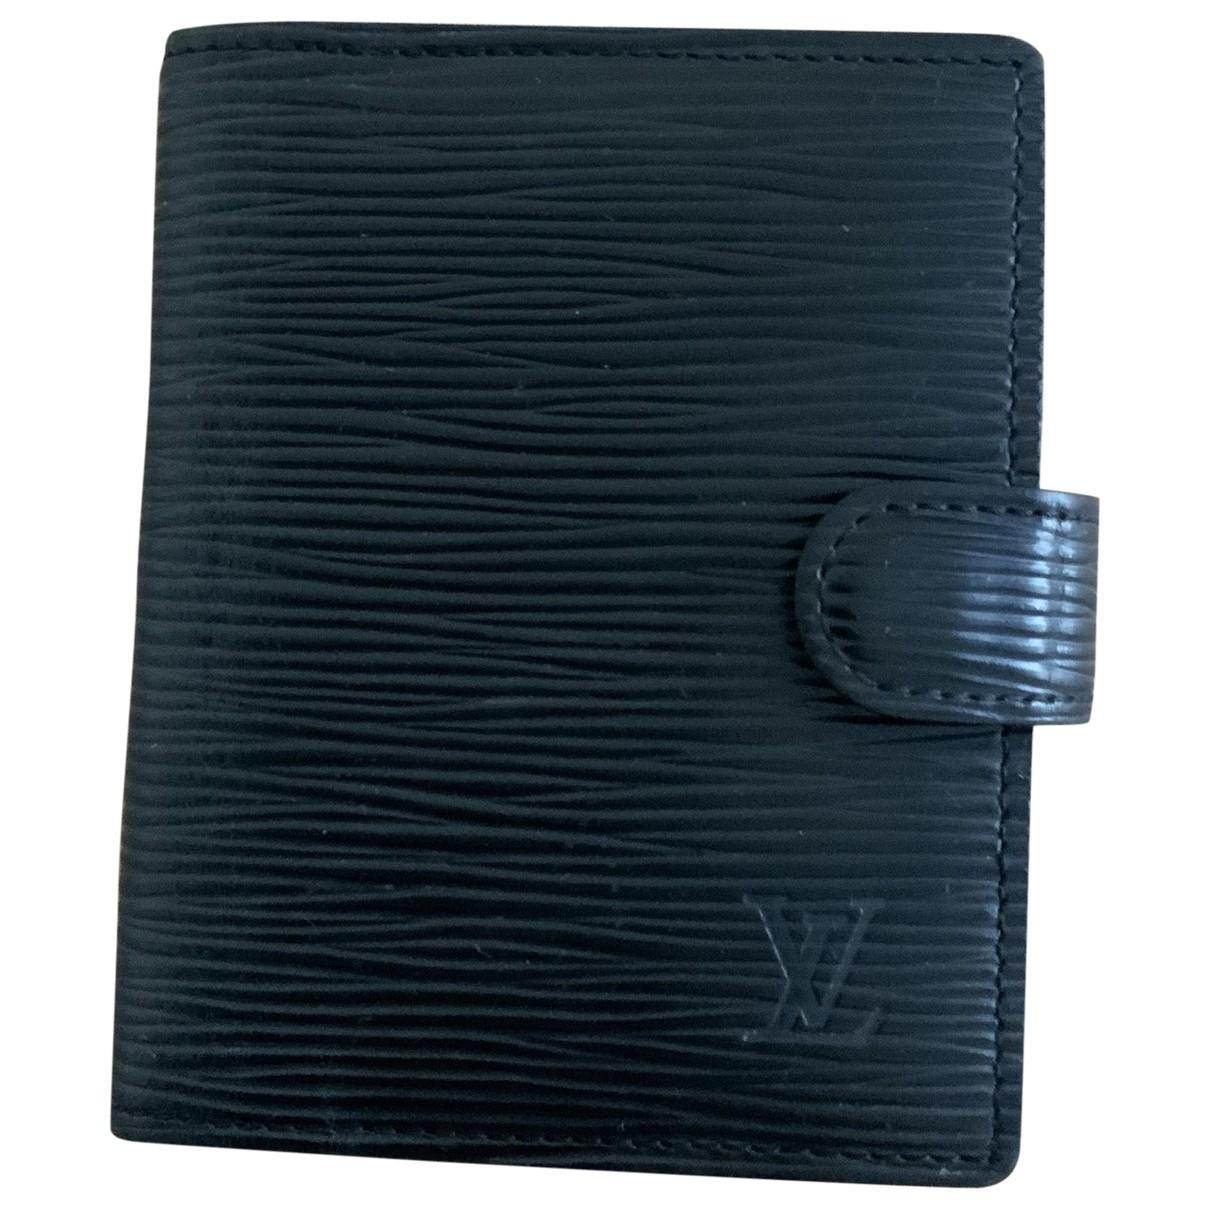 Louis Vuitton - Objets & Deco Couverture dagenda PM pour lifestyle en cuir - noir